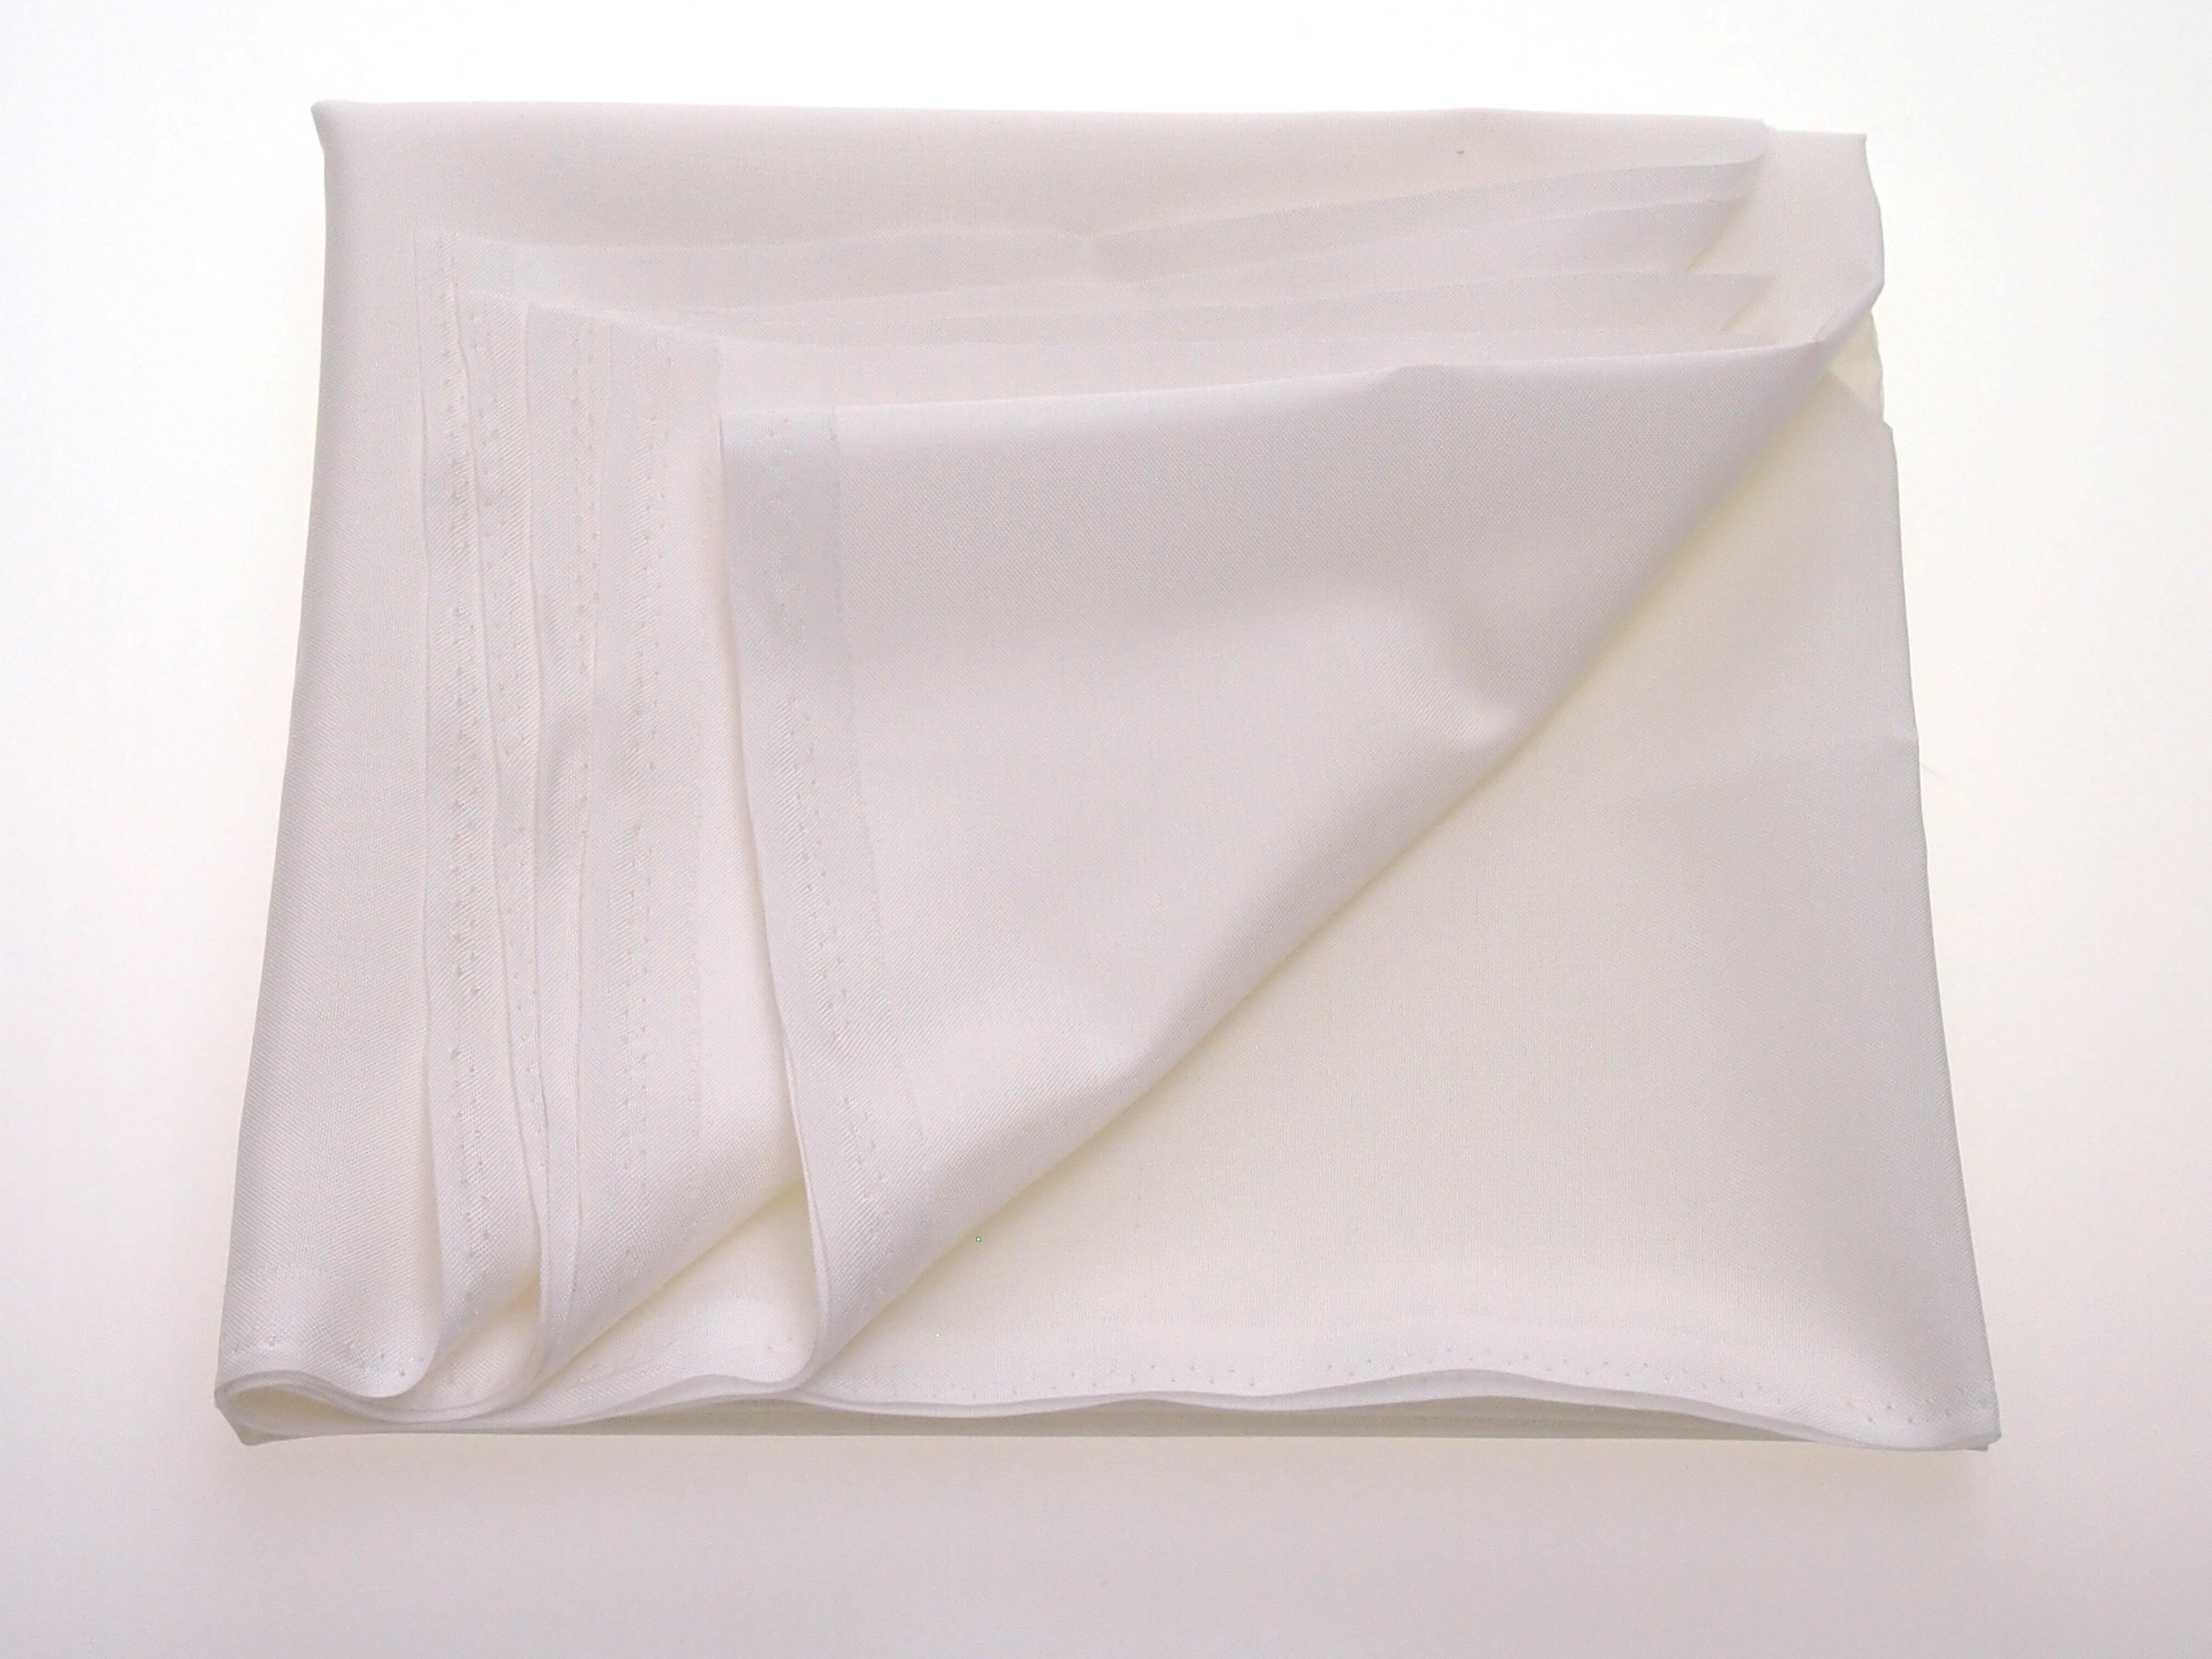 Ткань лавсан молочный 56208 ГОСТ плотность 140 г/м.кв., шир.100 см, 1 м.пог.